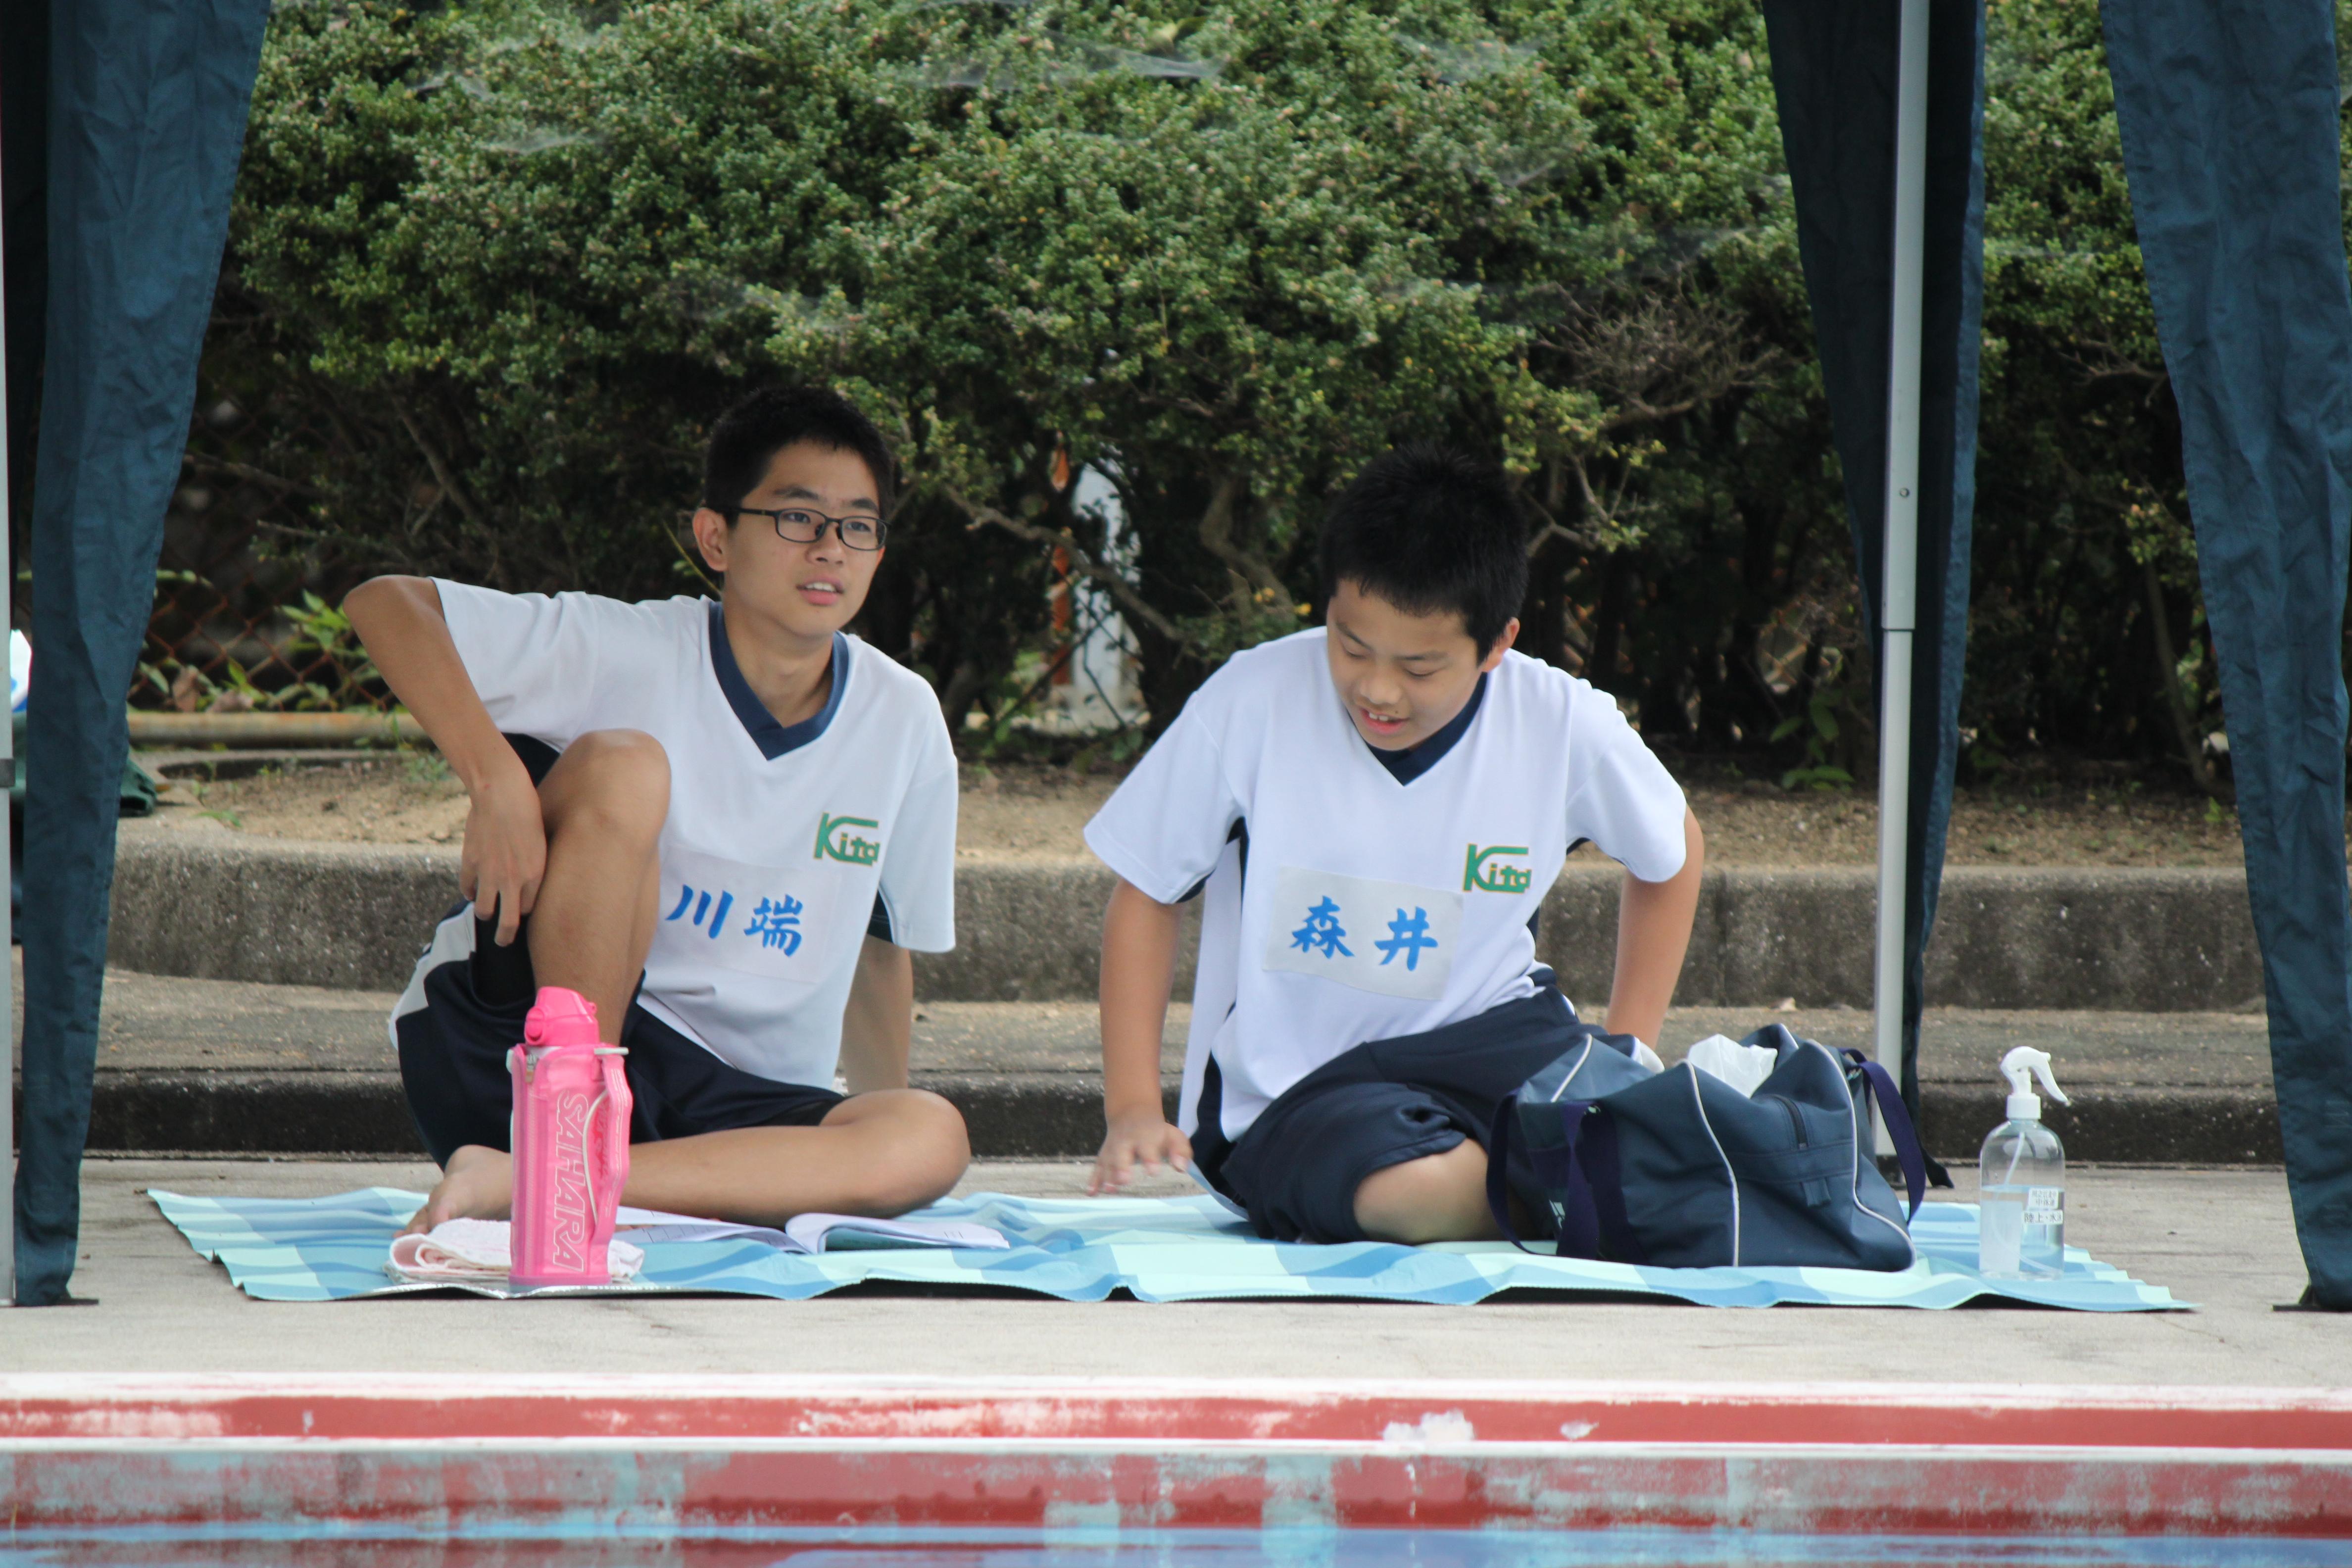 水泳競技 (1)